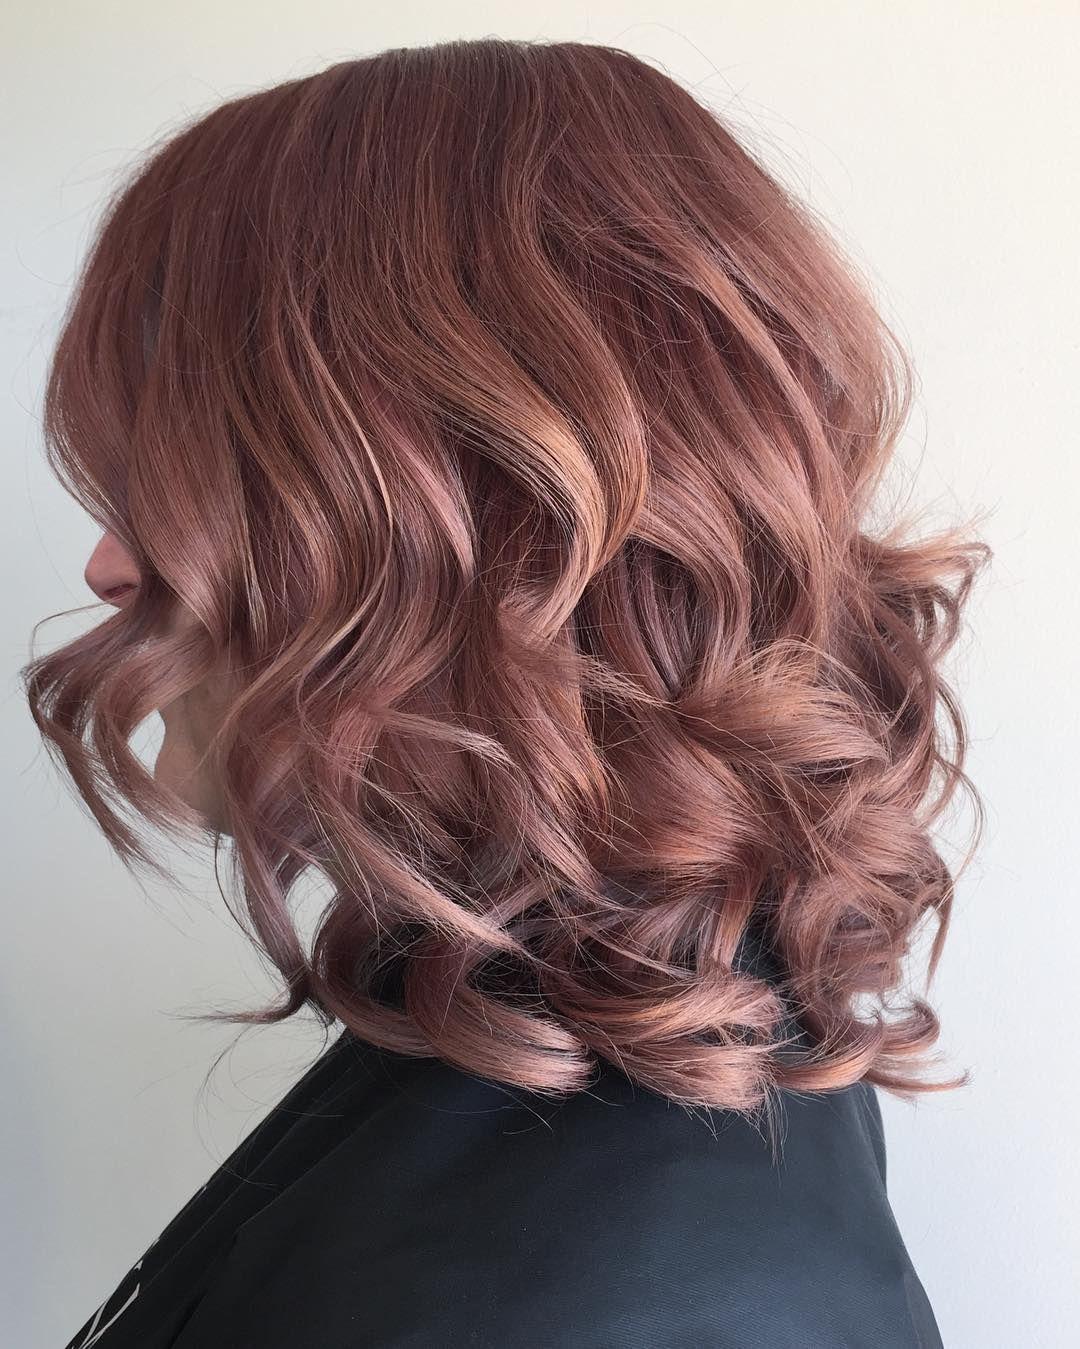 cheveux rose gold photos popsugar celebrity france. Black Bedroom Furniture Sets. Home Design Ideas